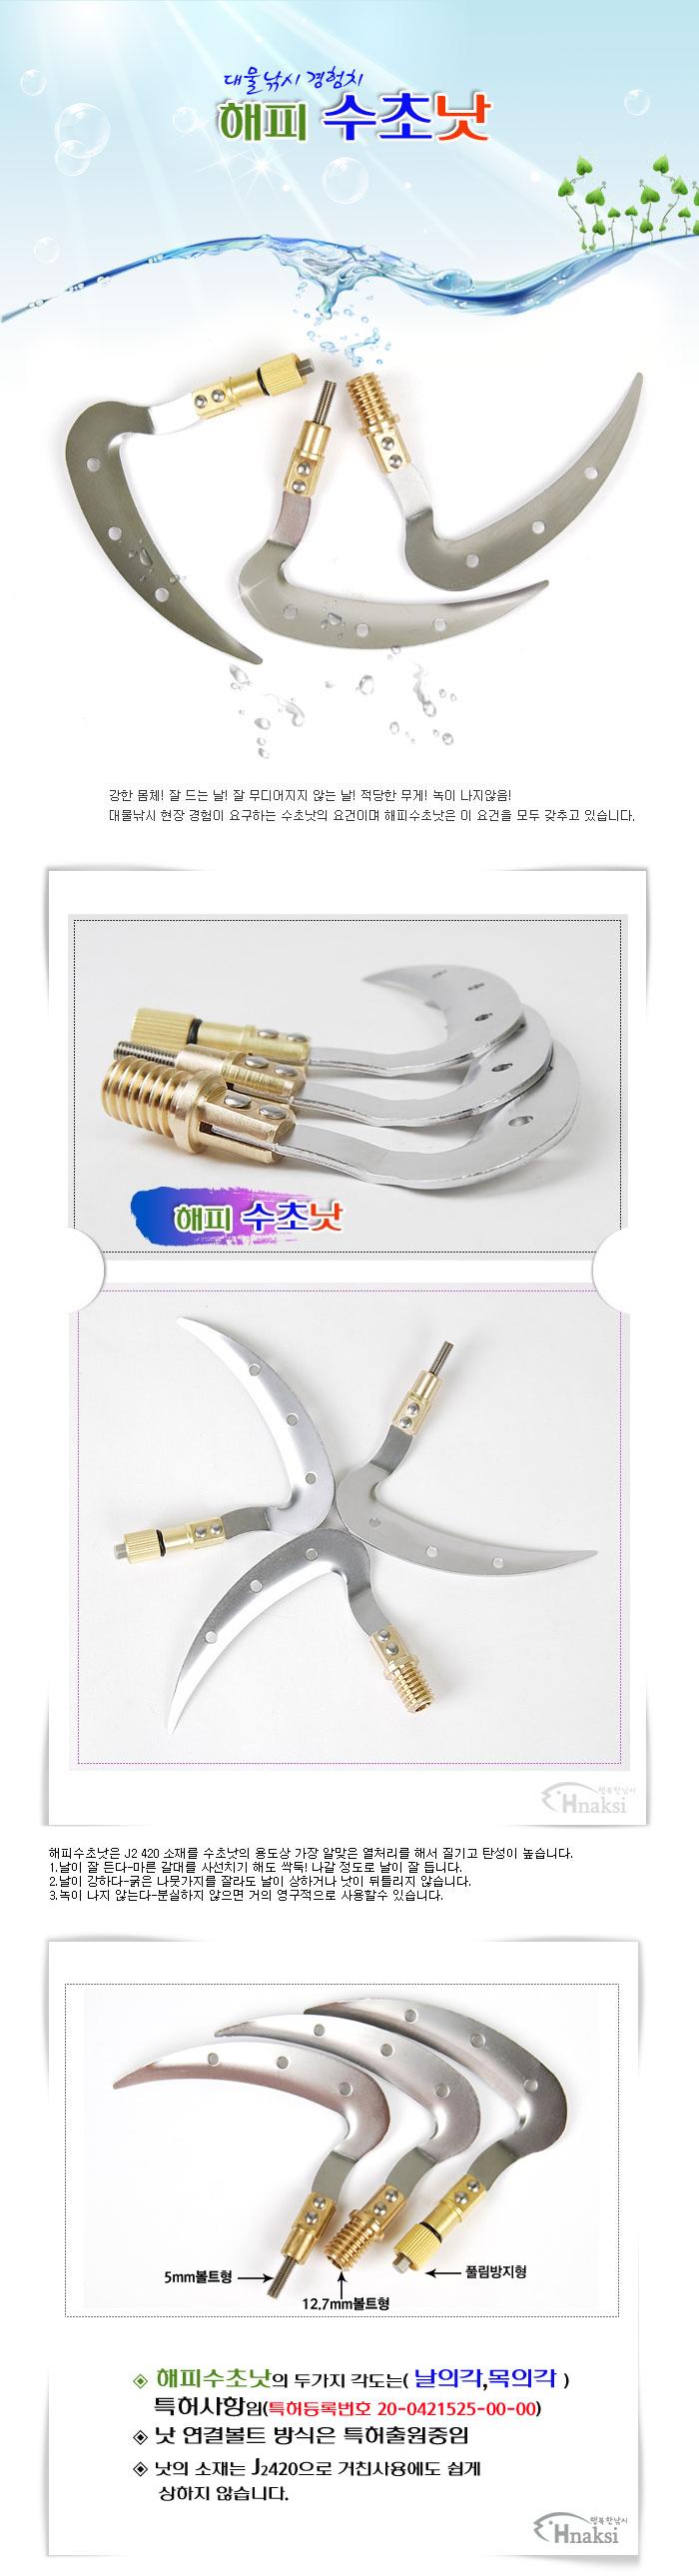 행낚 해피 수초낫 12.7mm 볼트형 행낚낫 수초제거기낫